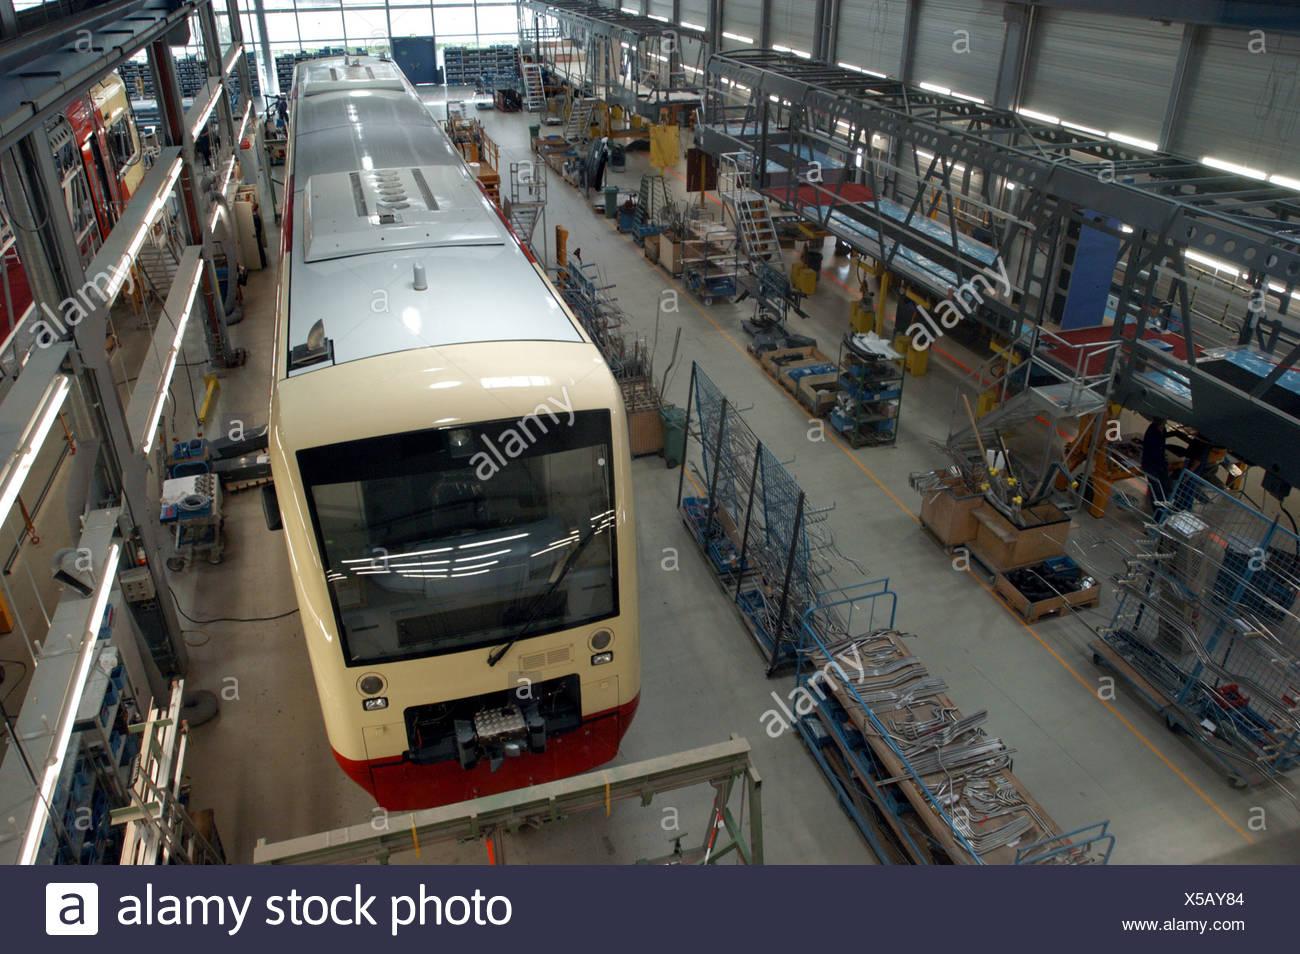 Montagehalle für Schienenfahrzeuge von Stadler, eine Tochtergesellschaft der Stadler Rail Group, Schweiz Stockbild